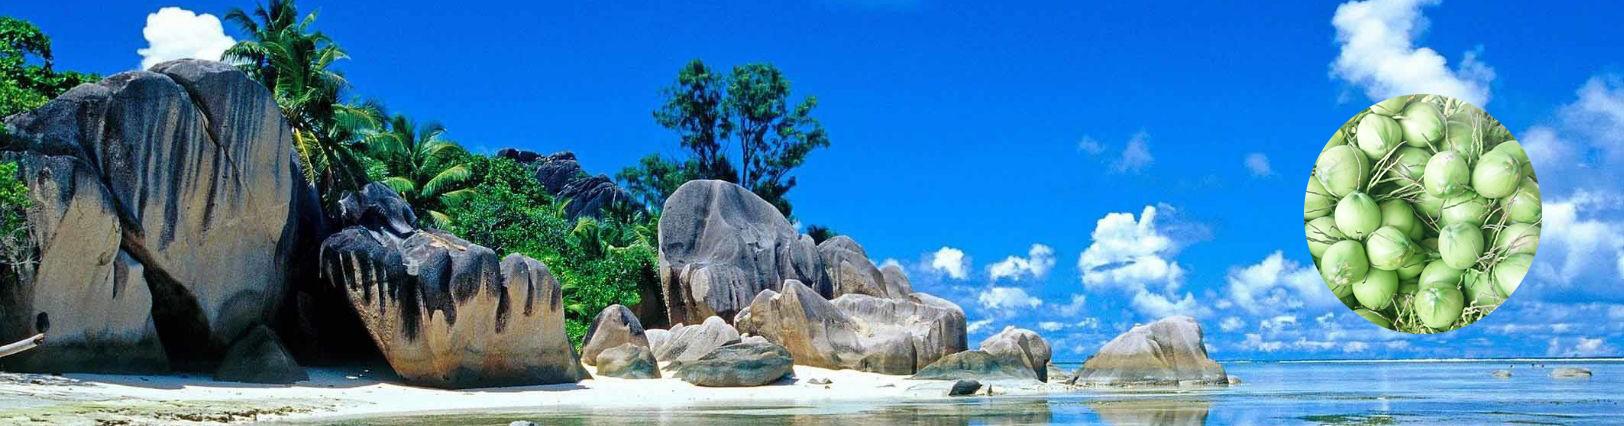 hình nền dừa với biển xanh